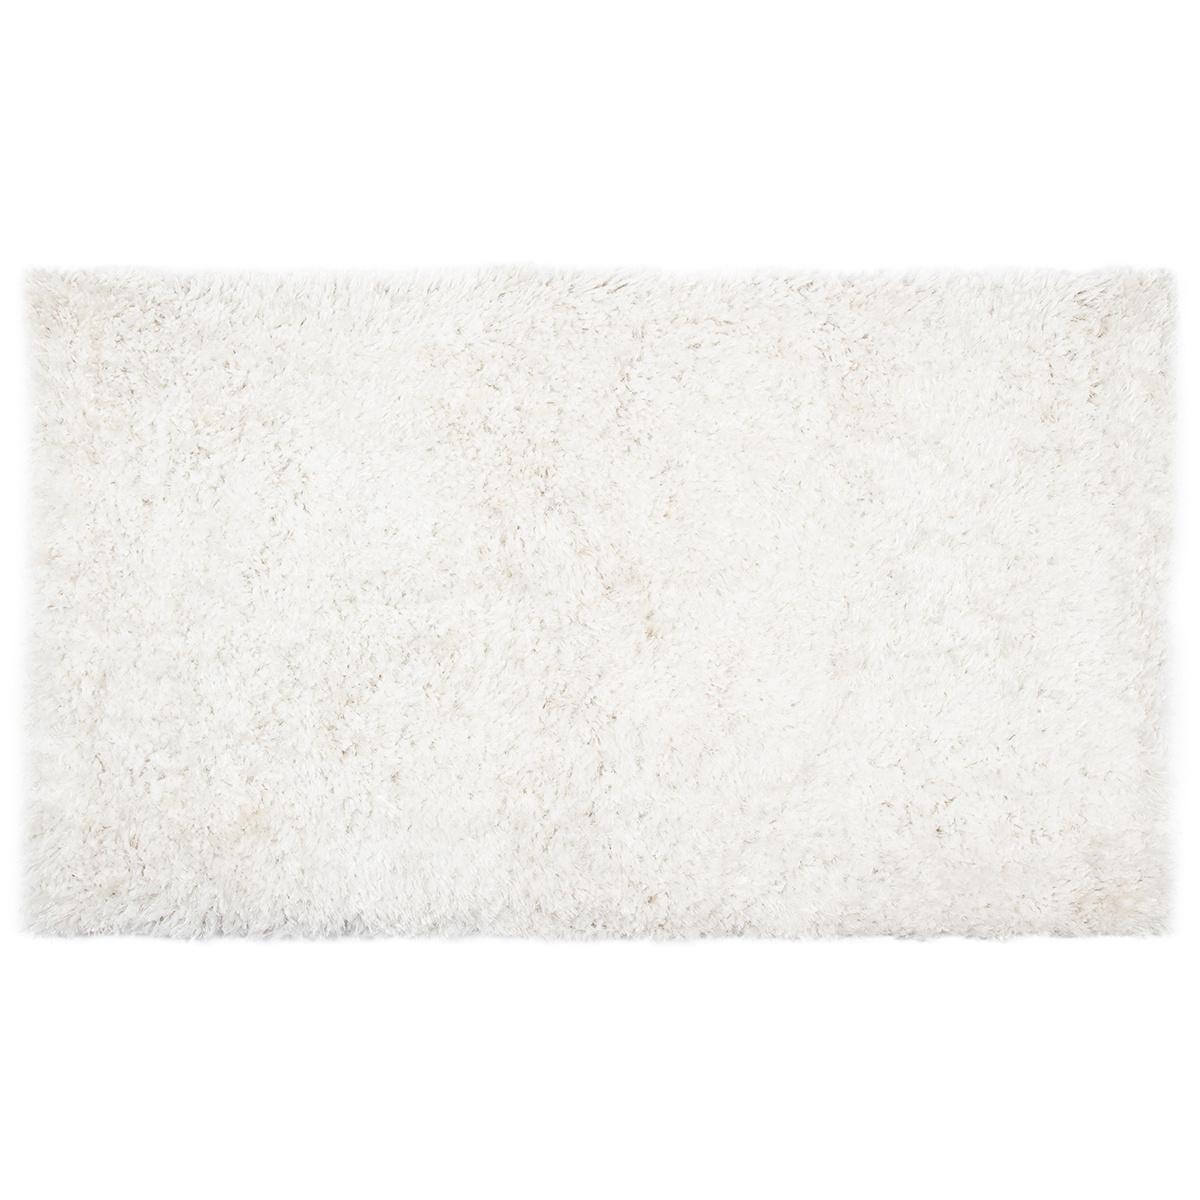 Dywanik Emma biały, 70 x 120 cm, biały, 70 x 120 cm